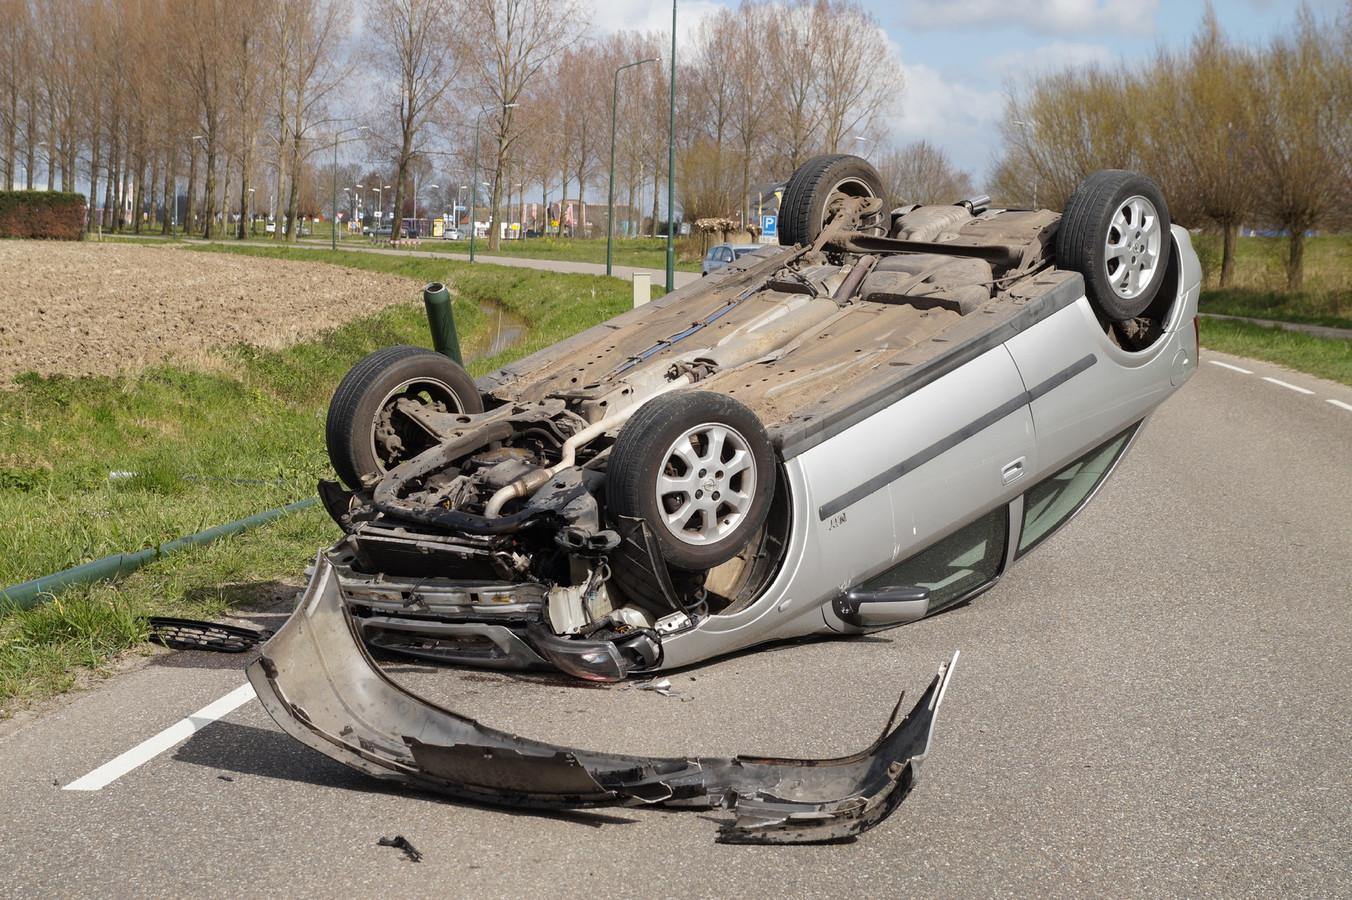 De automobilist ramde eerst een lantaarnpaal, om vervolgens op zijn dak tot stilstand te komen.